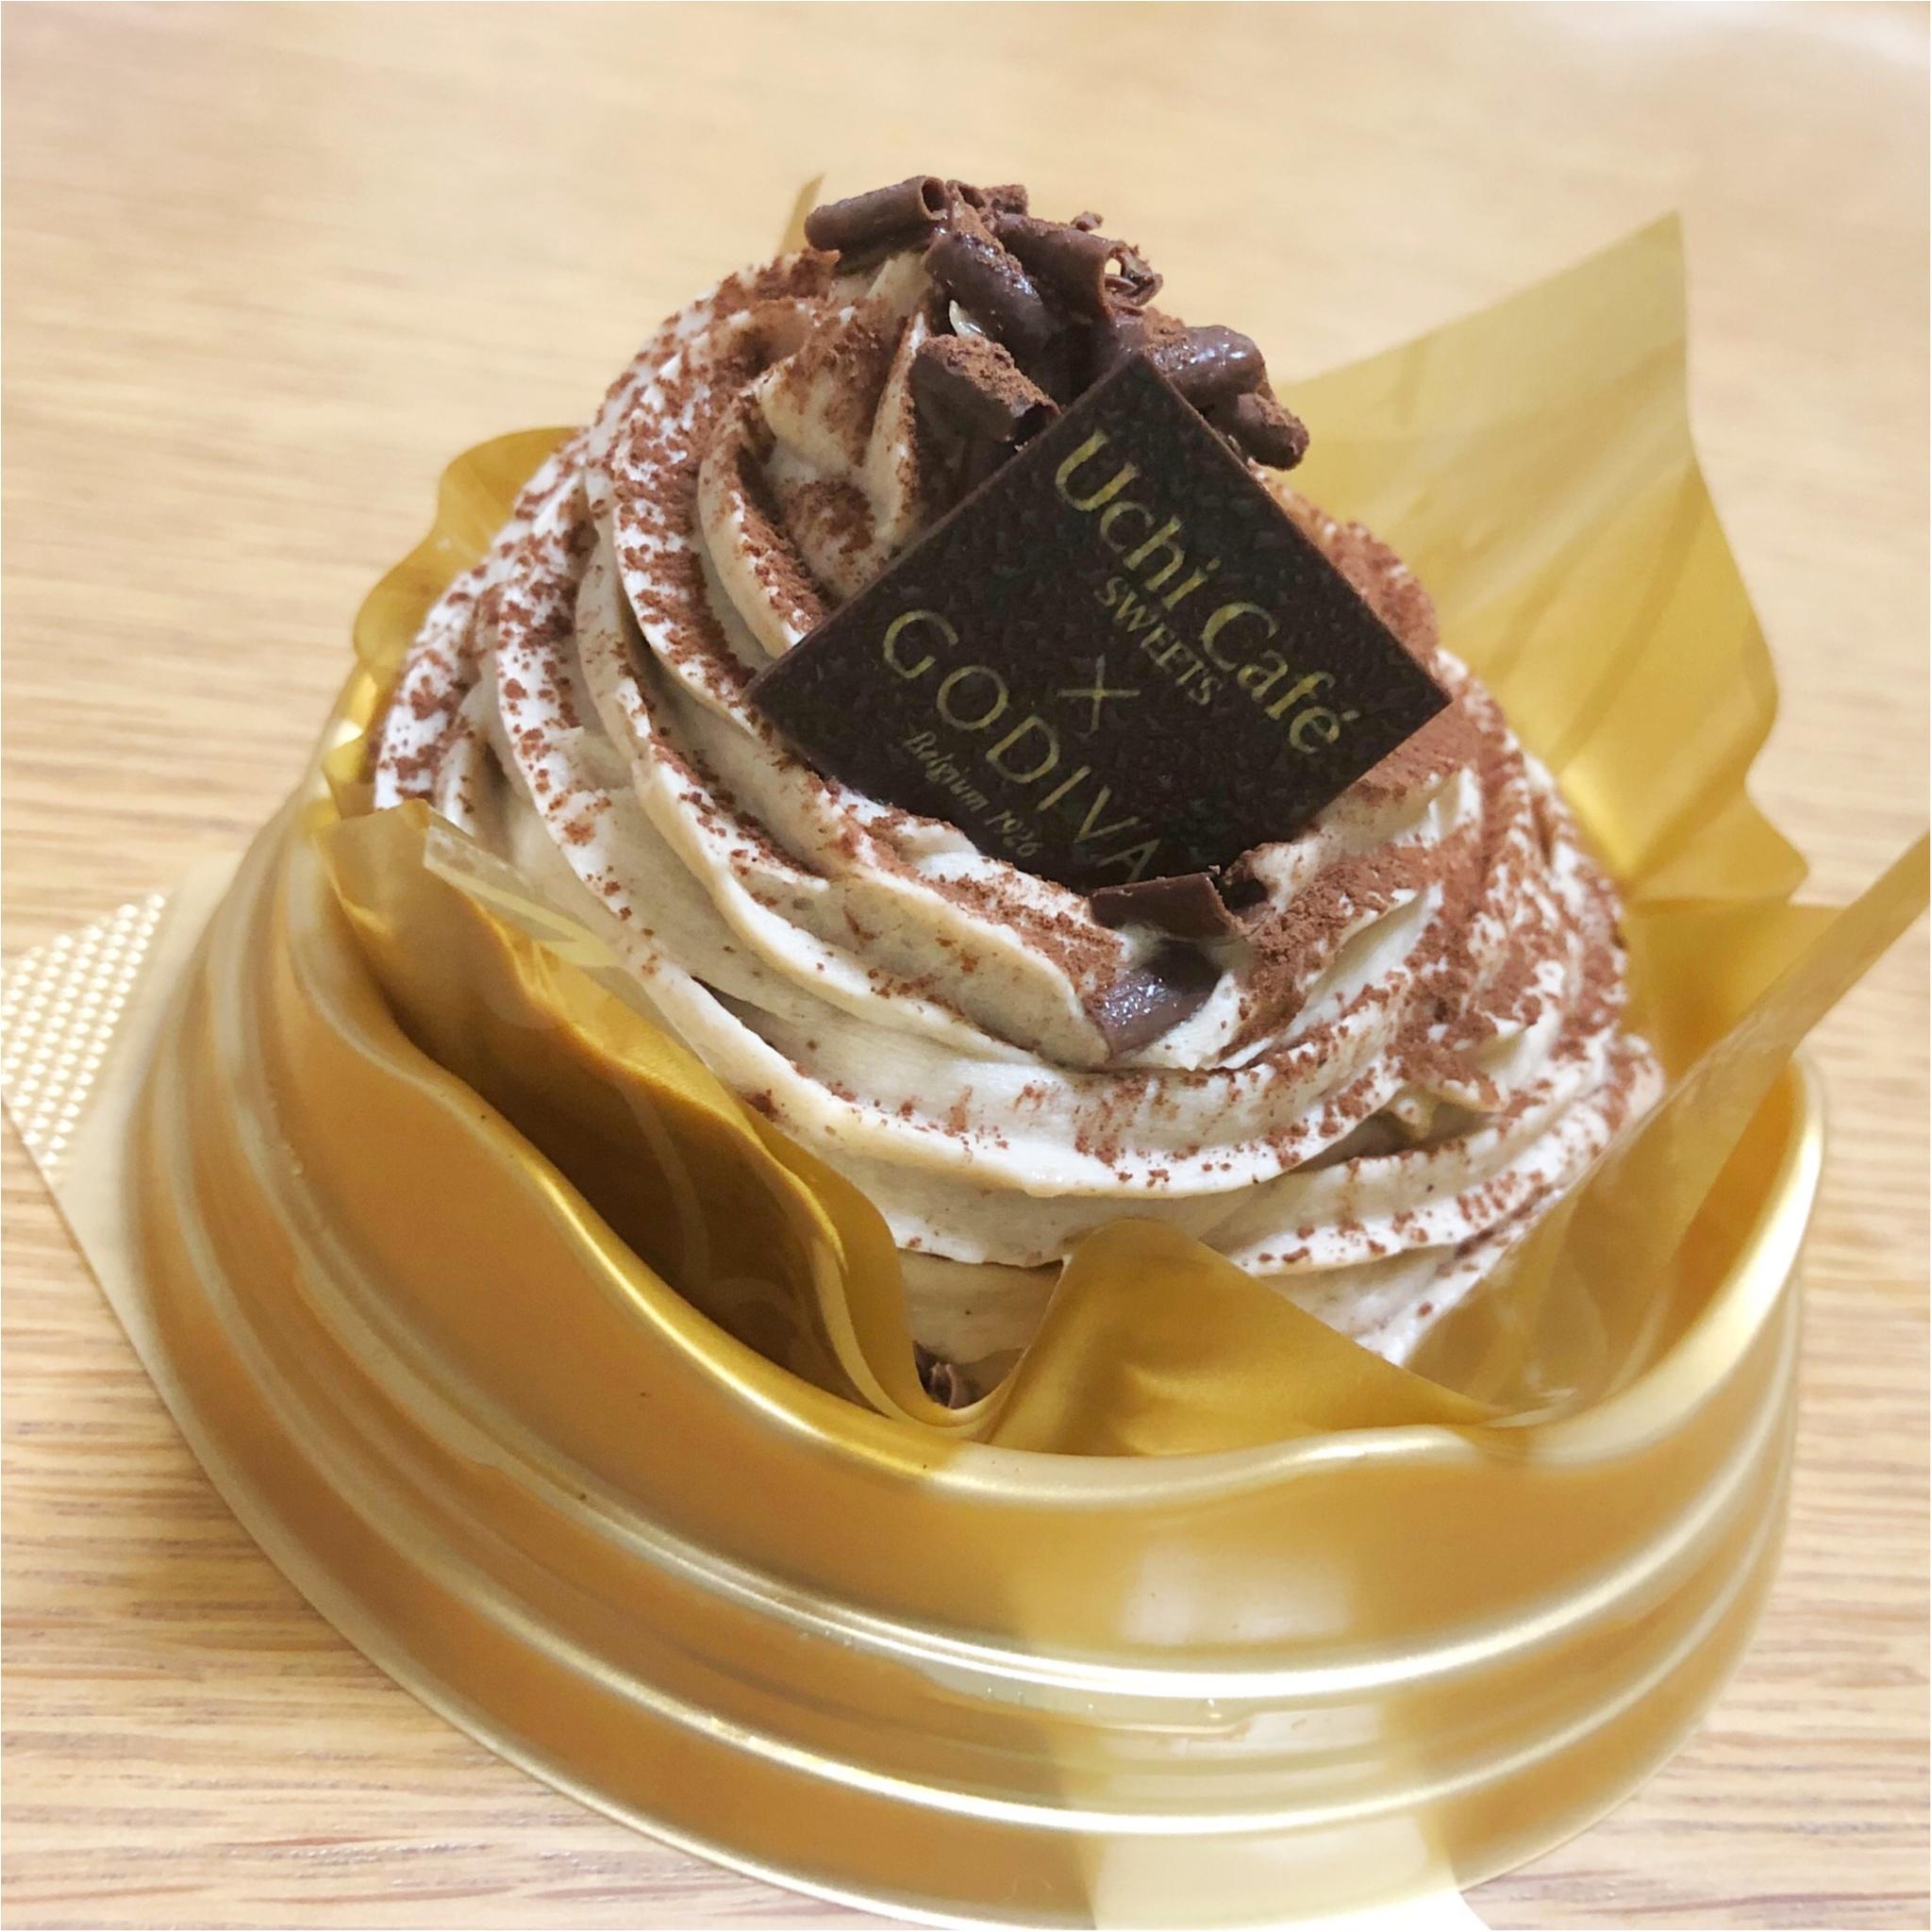 GODIVA × LAWSONのコラボが豪華すぎる♡濃厚チョコを堪能できるっ!_4